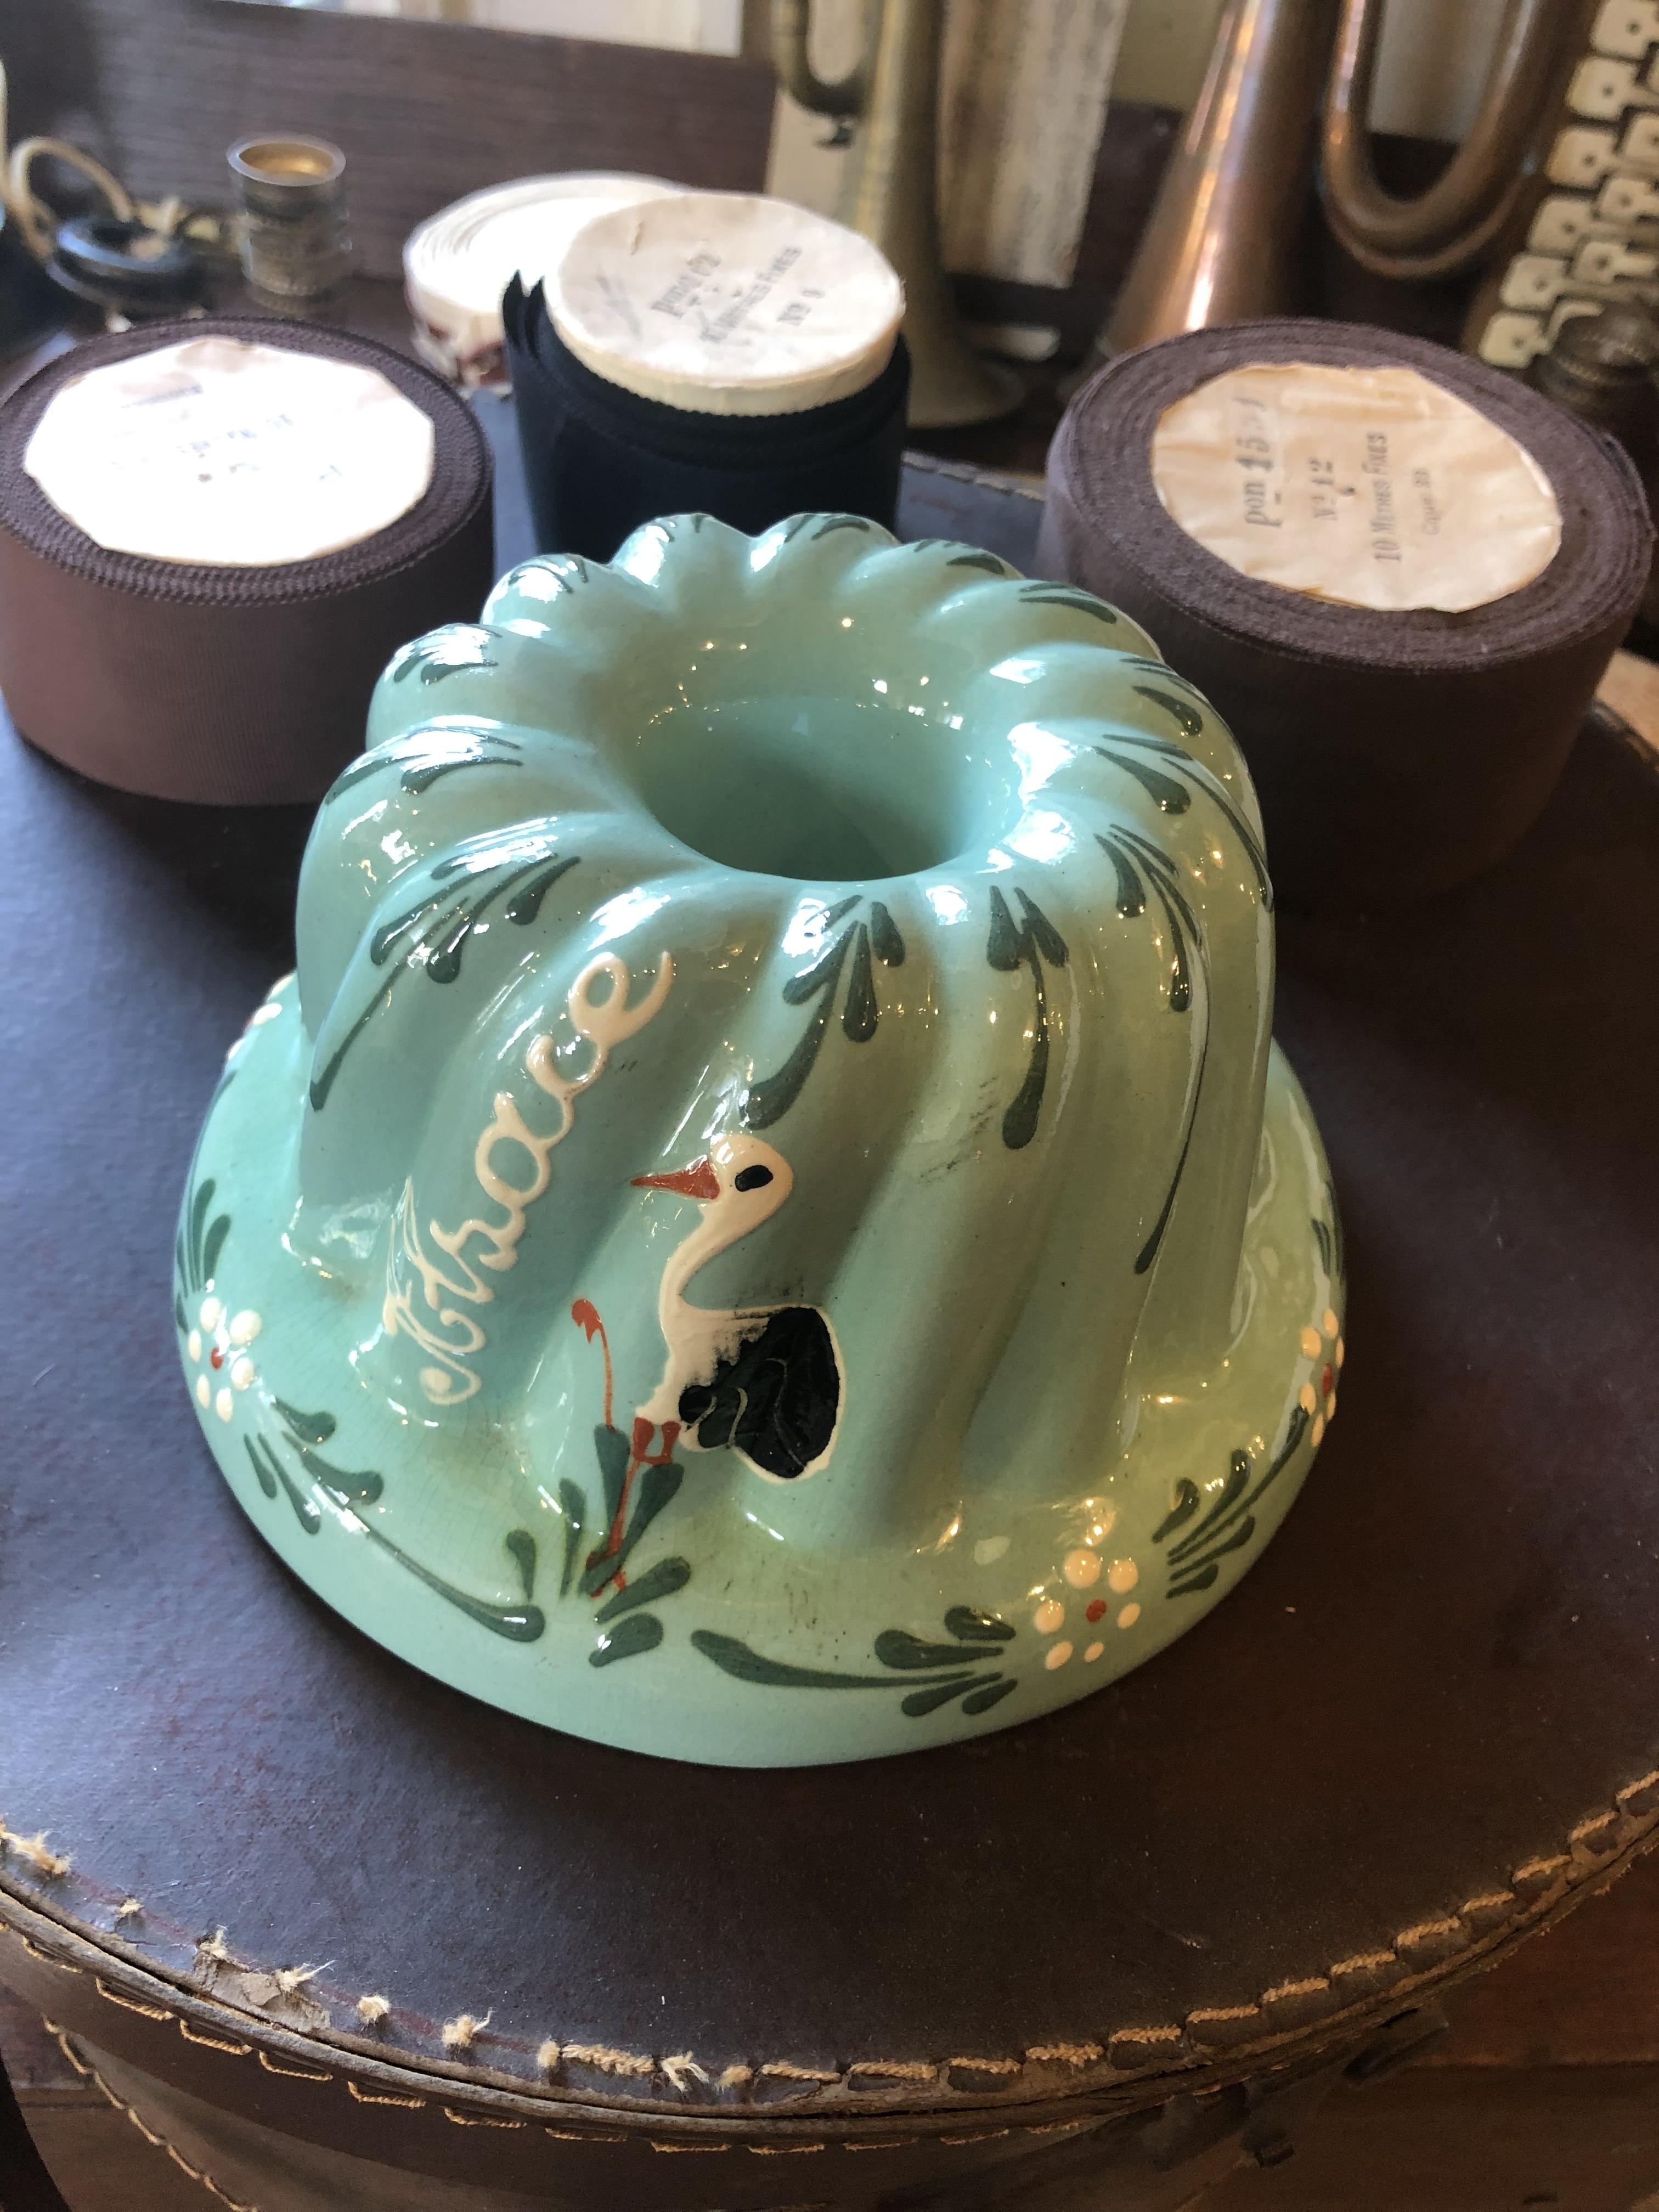 フランスアルザス地方 陶器のクグロフ型 コウノトリ絵柄アクアグリーン